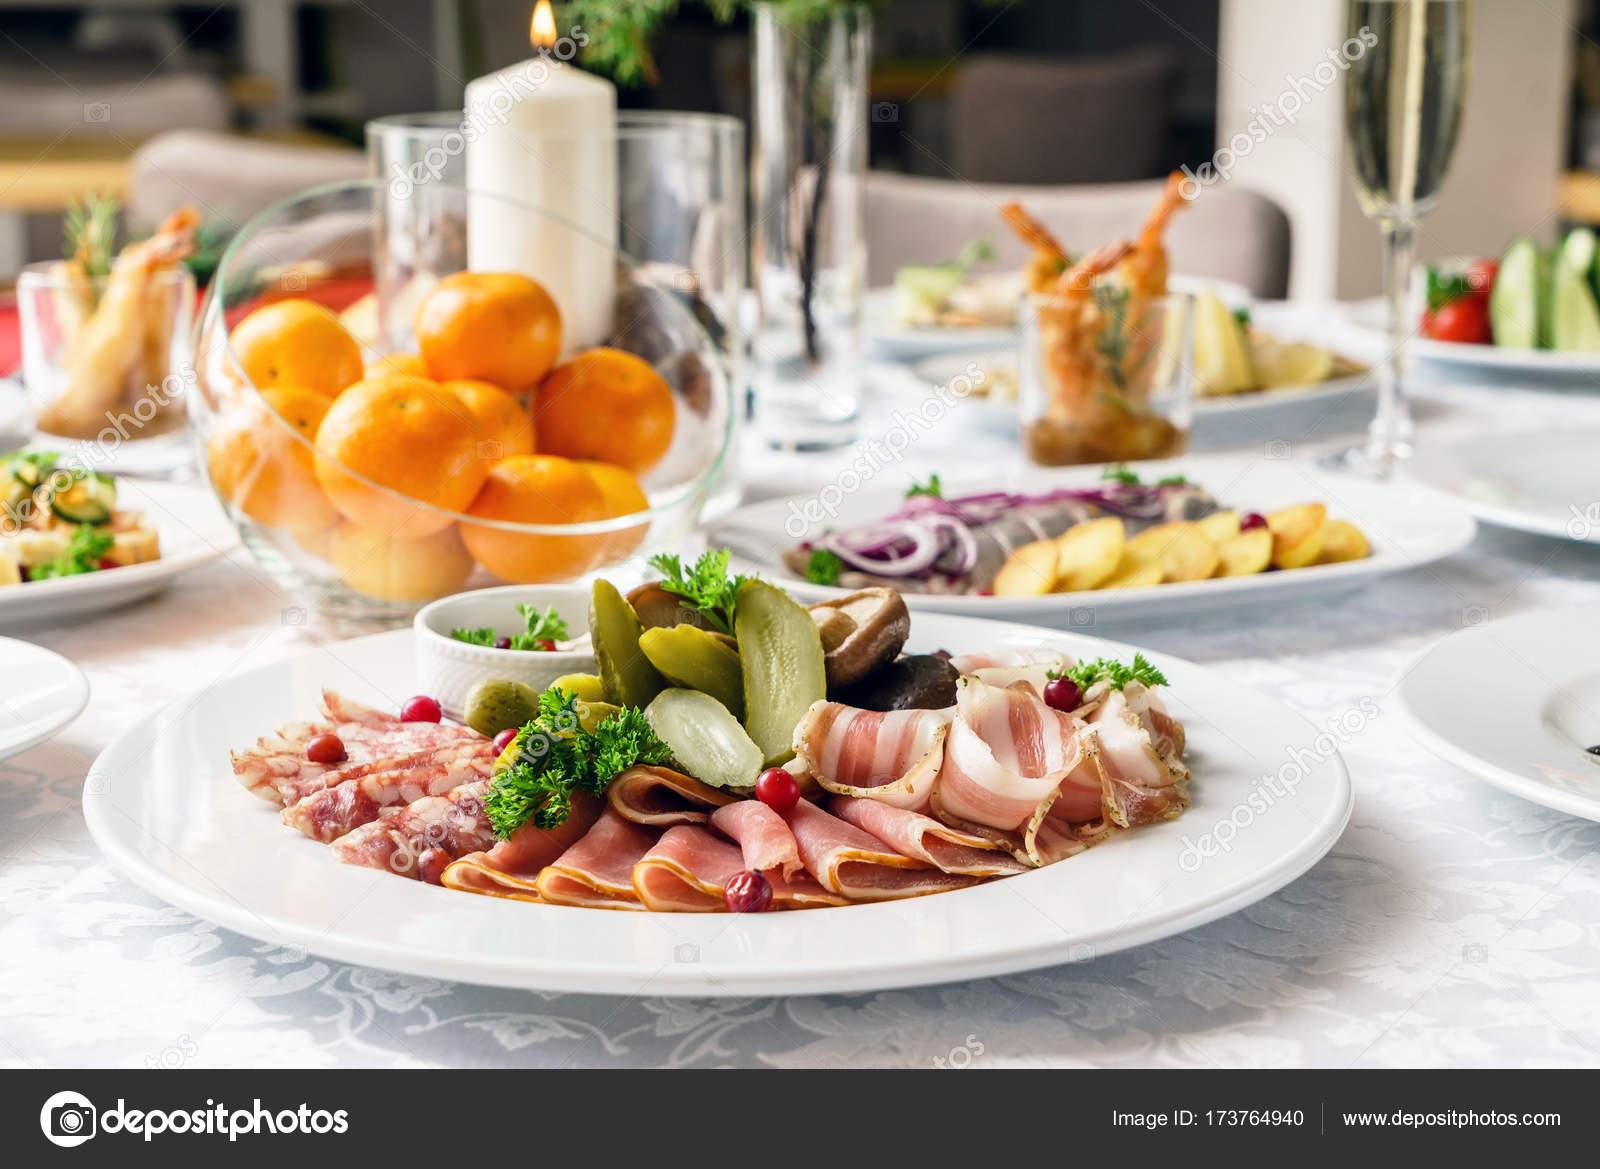 Restaurant Weihnachtsessen.Weihnachtsessen Im Restaurant Stockfoto Shebeko 173764940